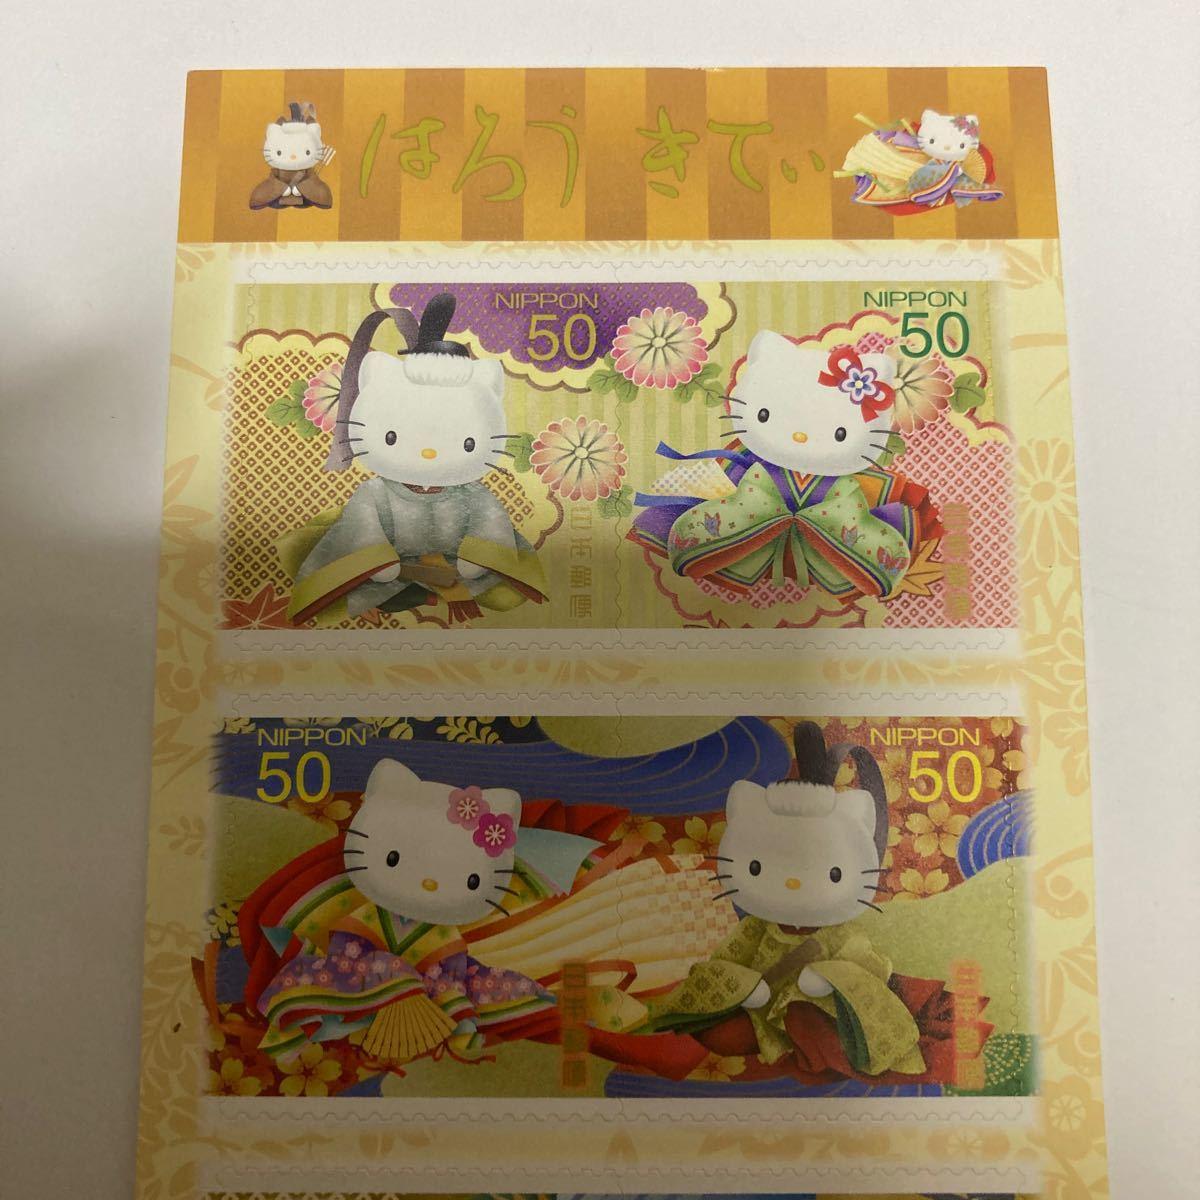 切手シート キティちゃん 50円10枚 シール切手 記念切手 クーポン利用 切手